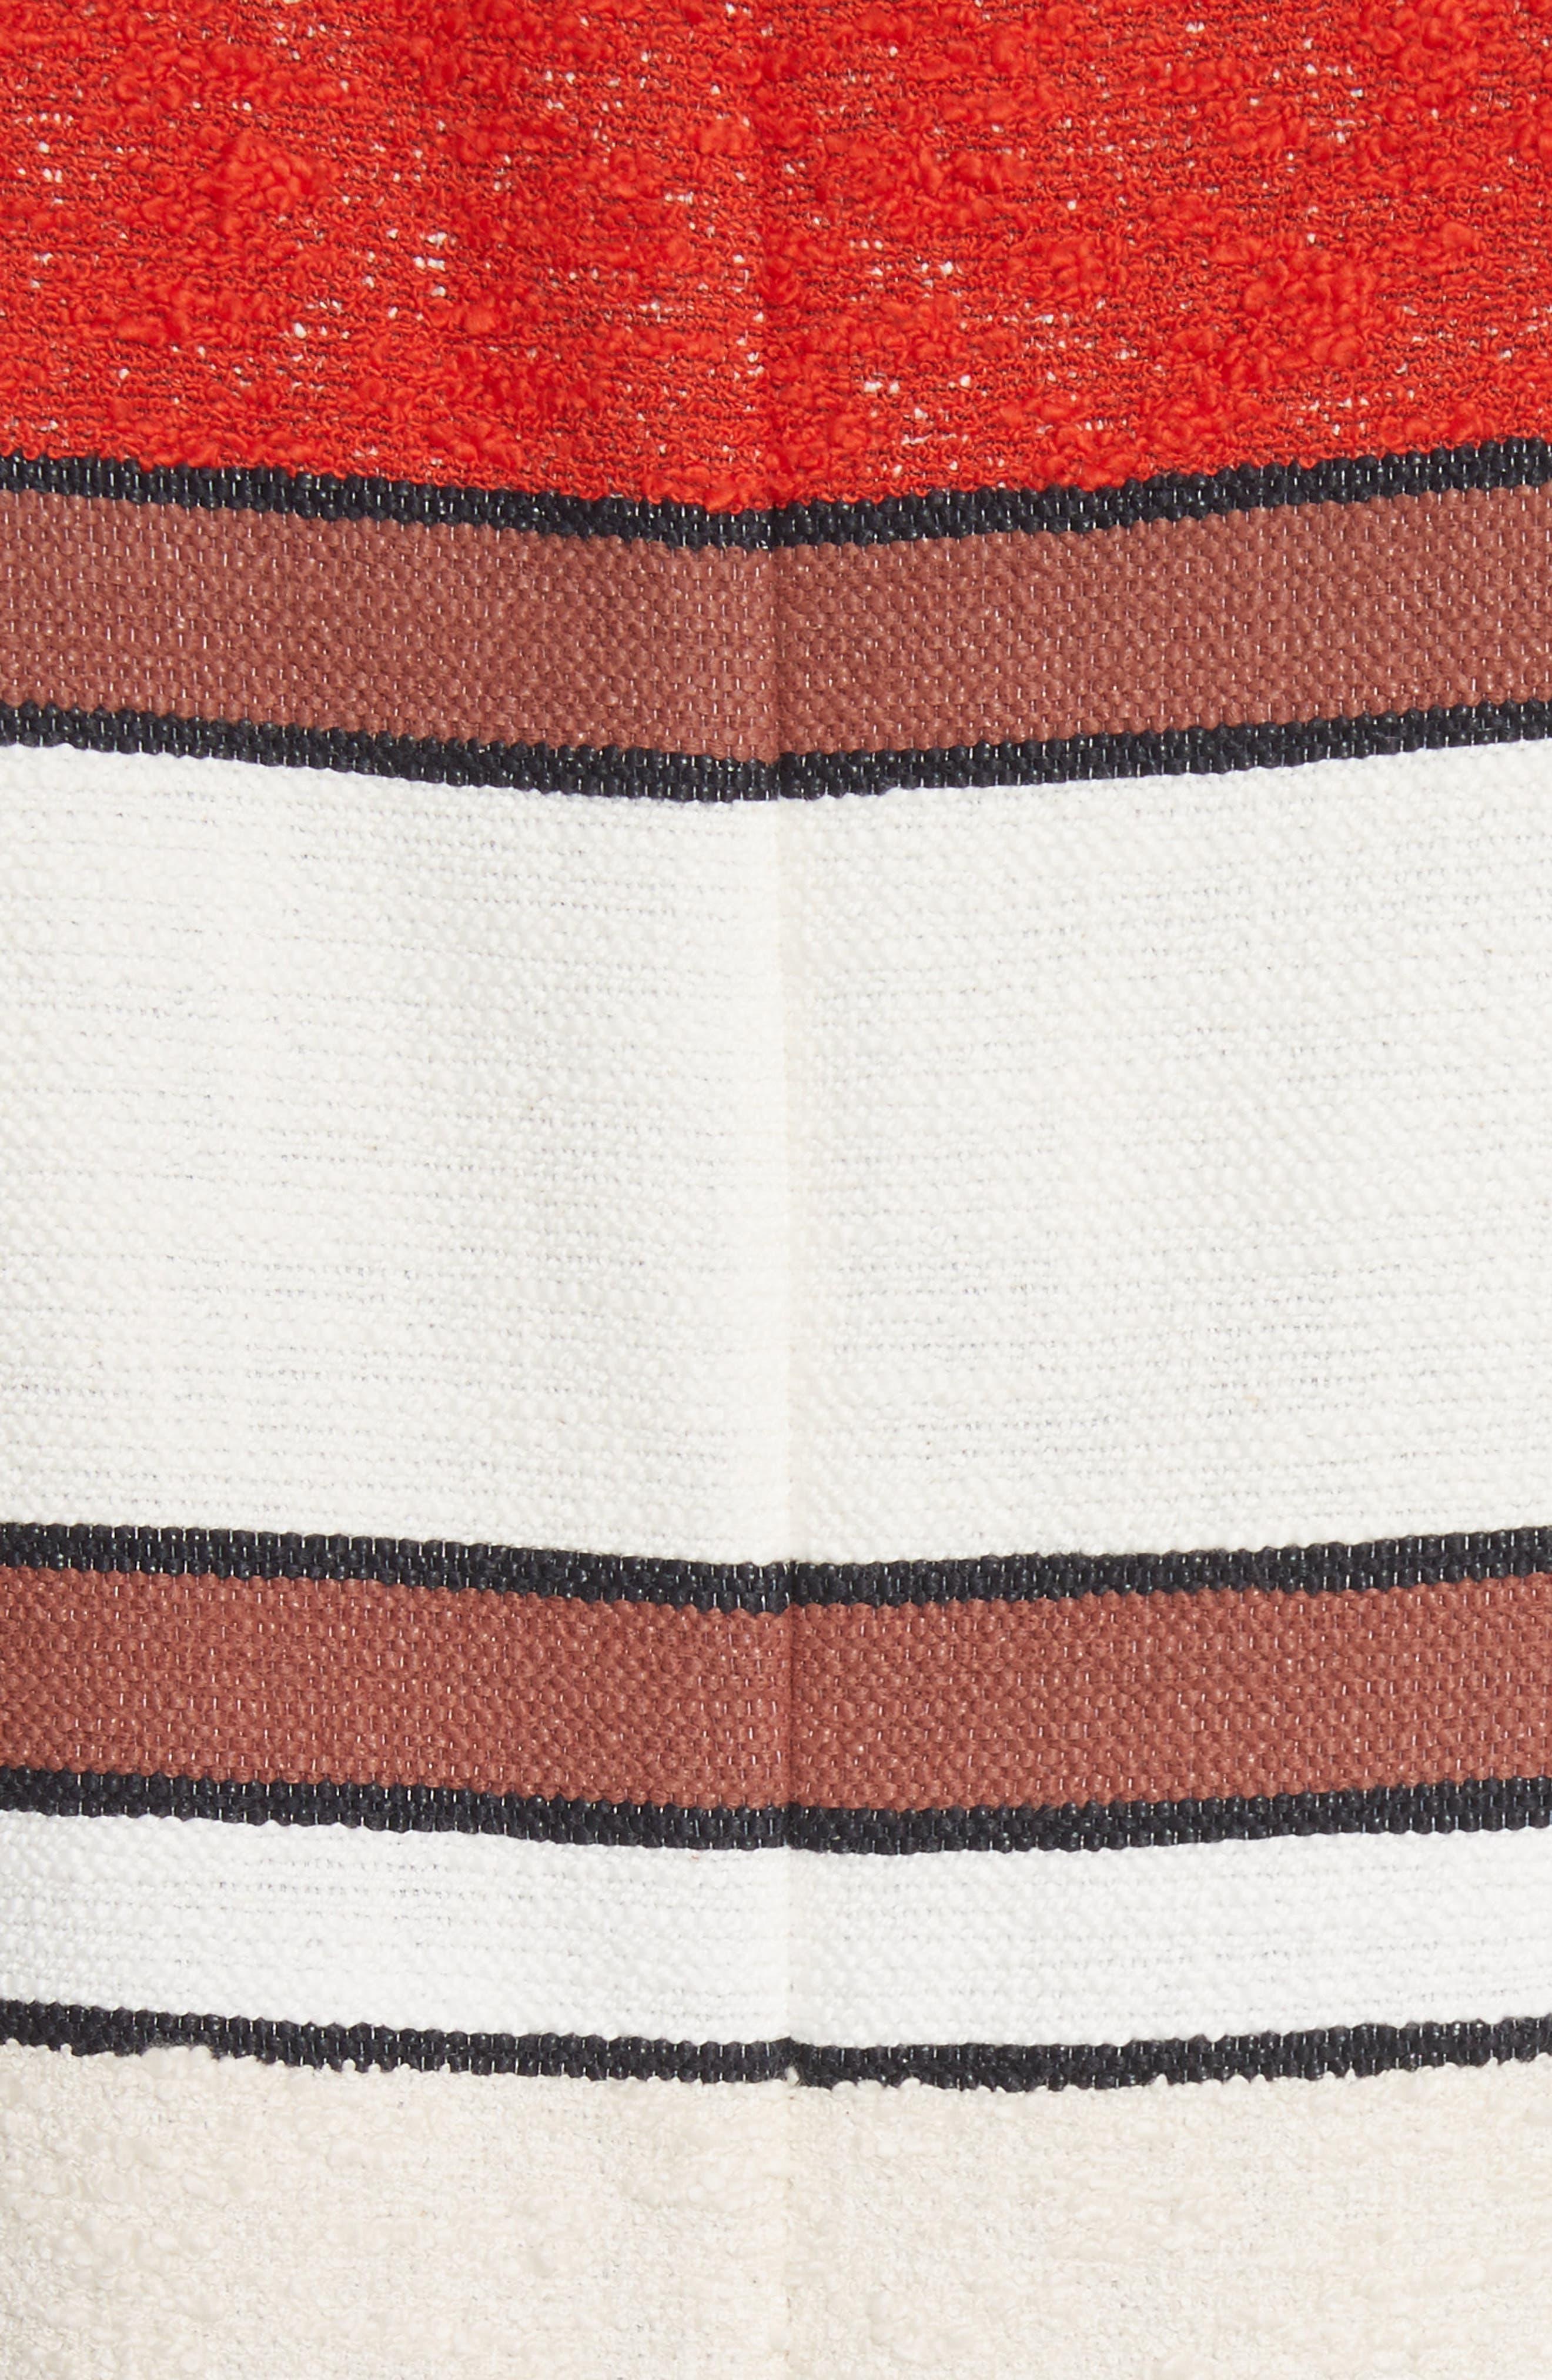 Grommet Detail Stripe Shift Dress,                             Alternate thumbnail 5, color,                             621